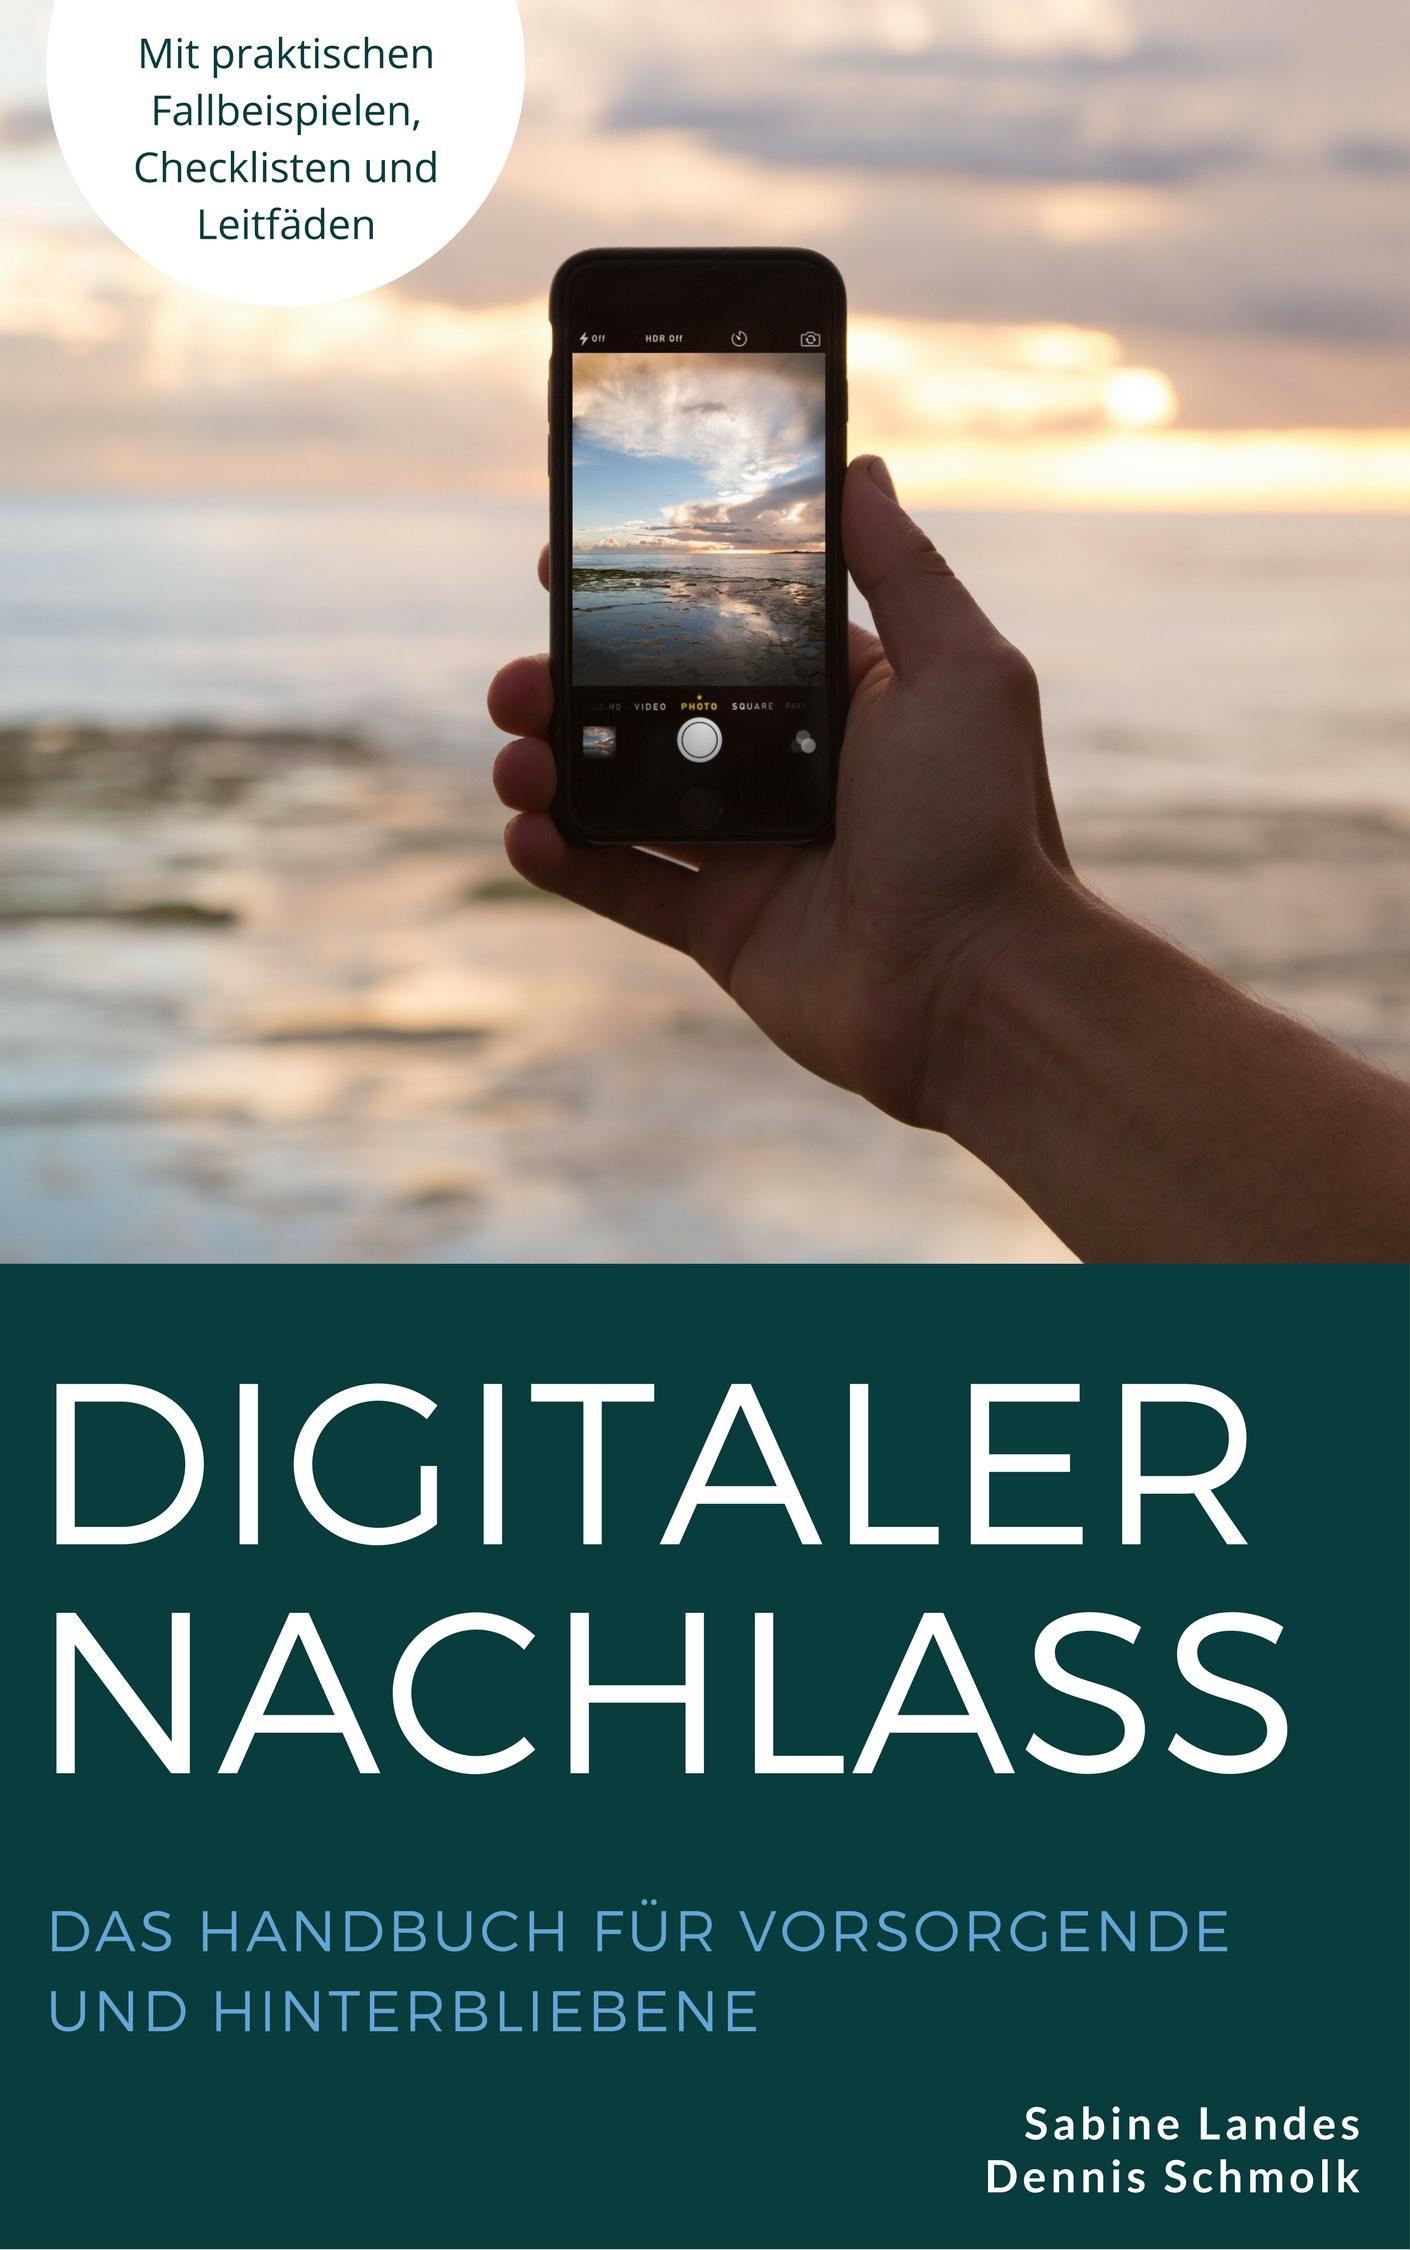 Digitaler Nachlass: Der Praxis-Leitfaden